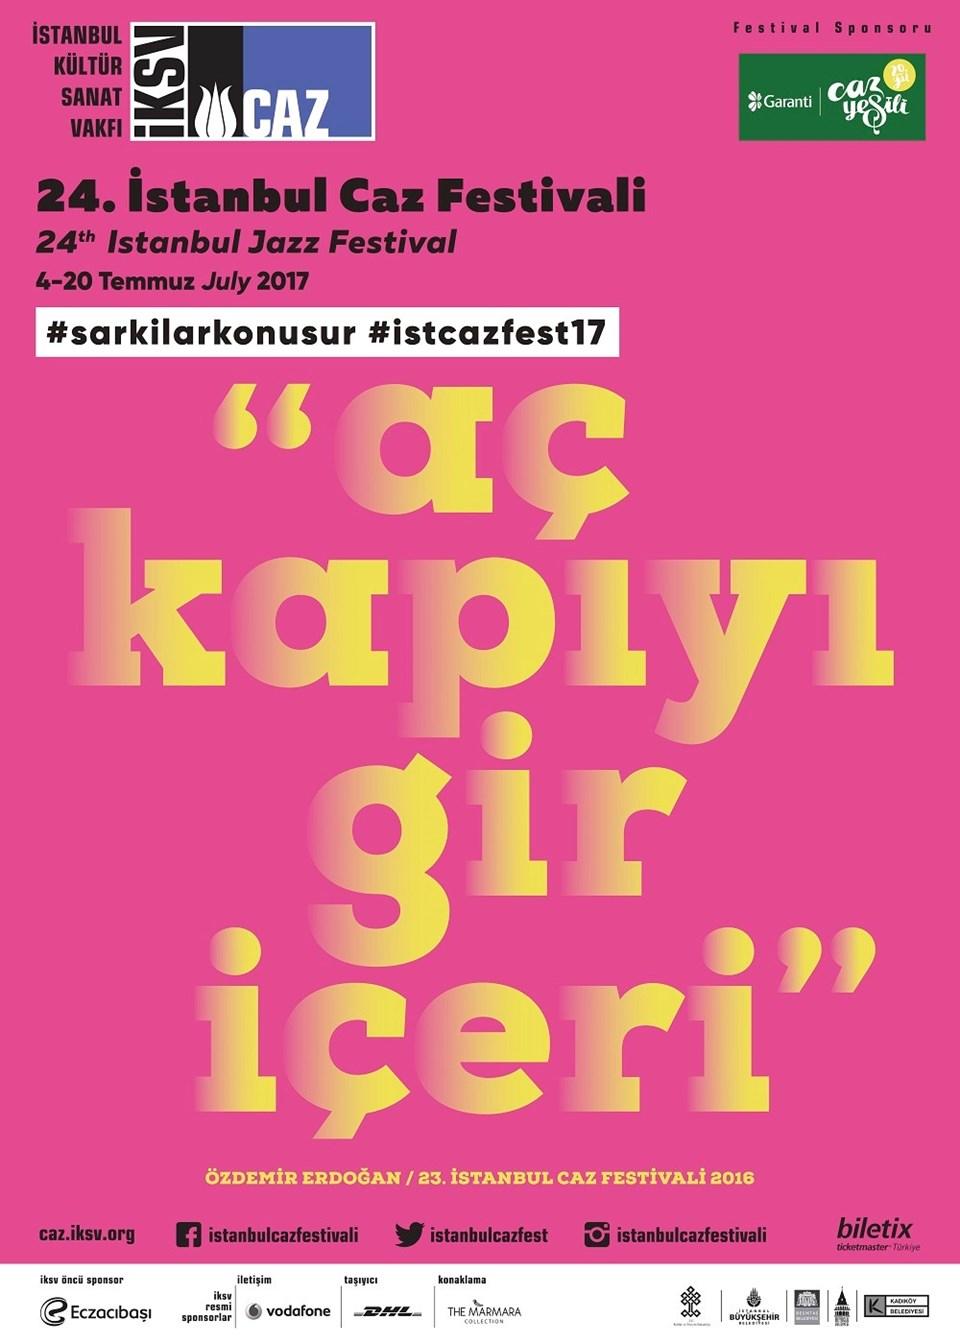 Festivalin bu yılki sloganı adını Özdemir Erdoğan'ın şarkısından alıyor.